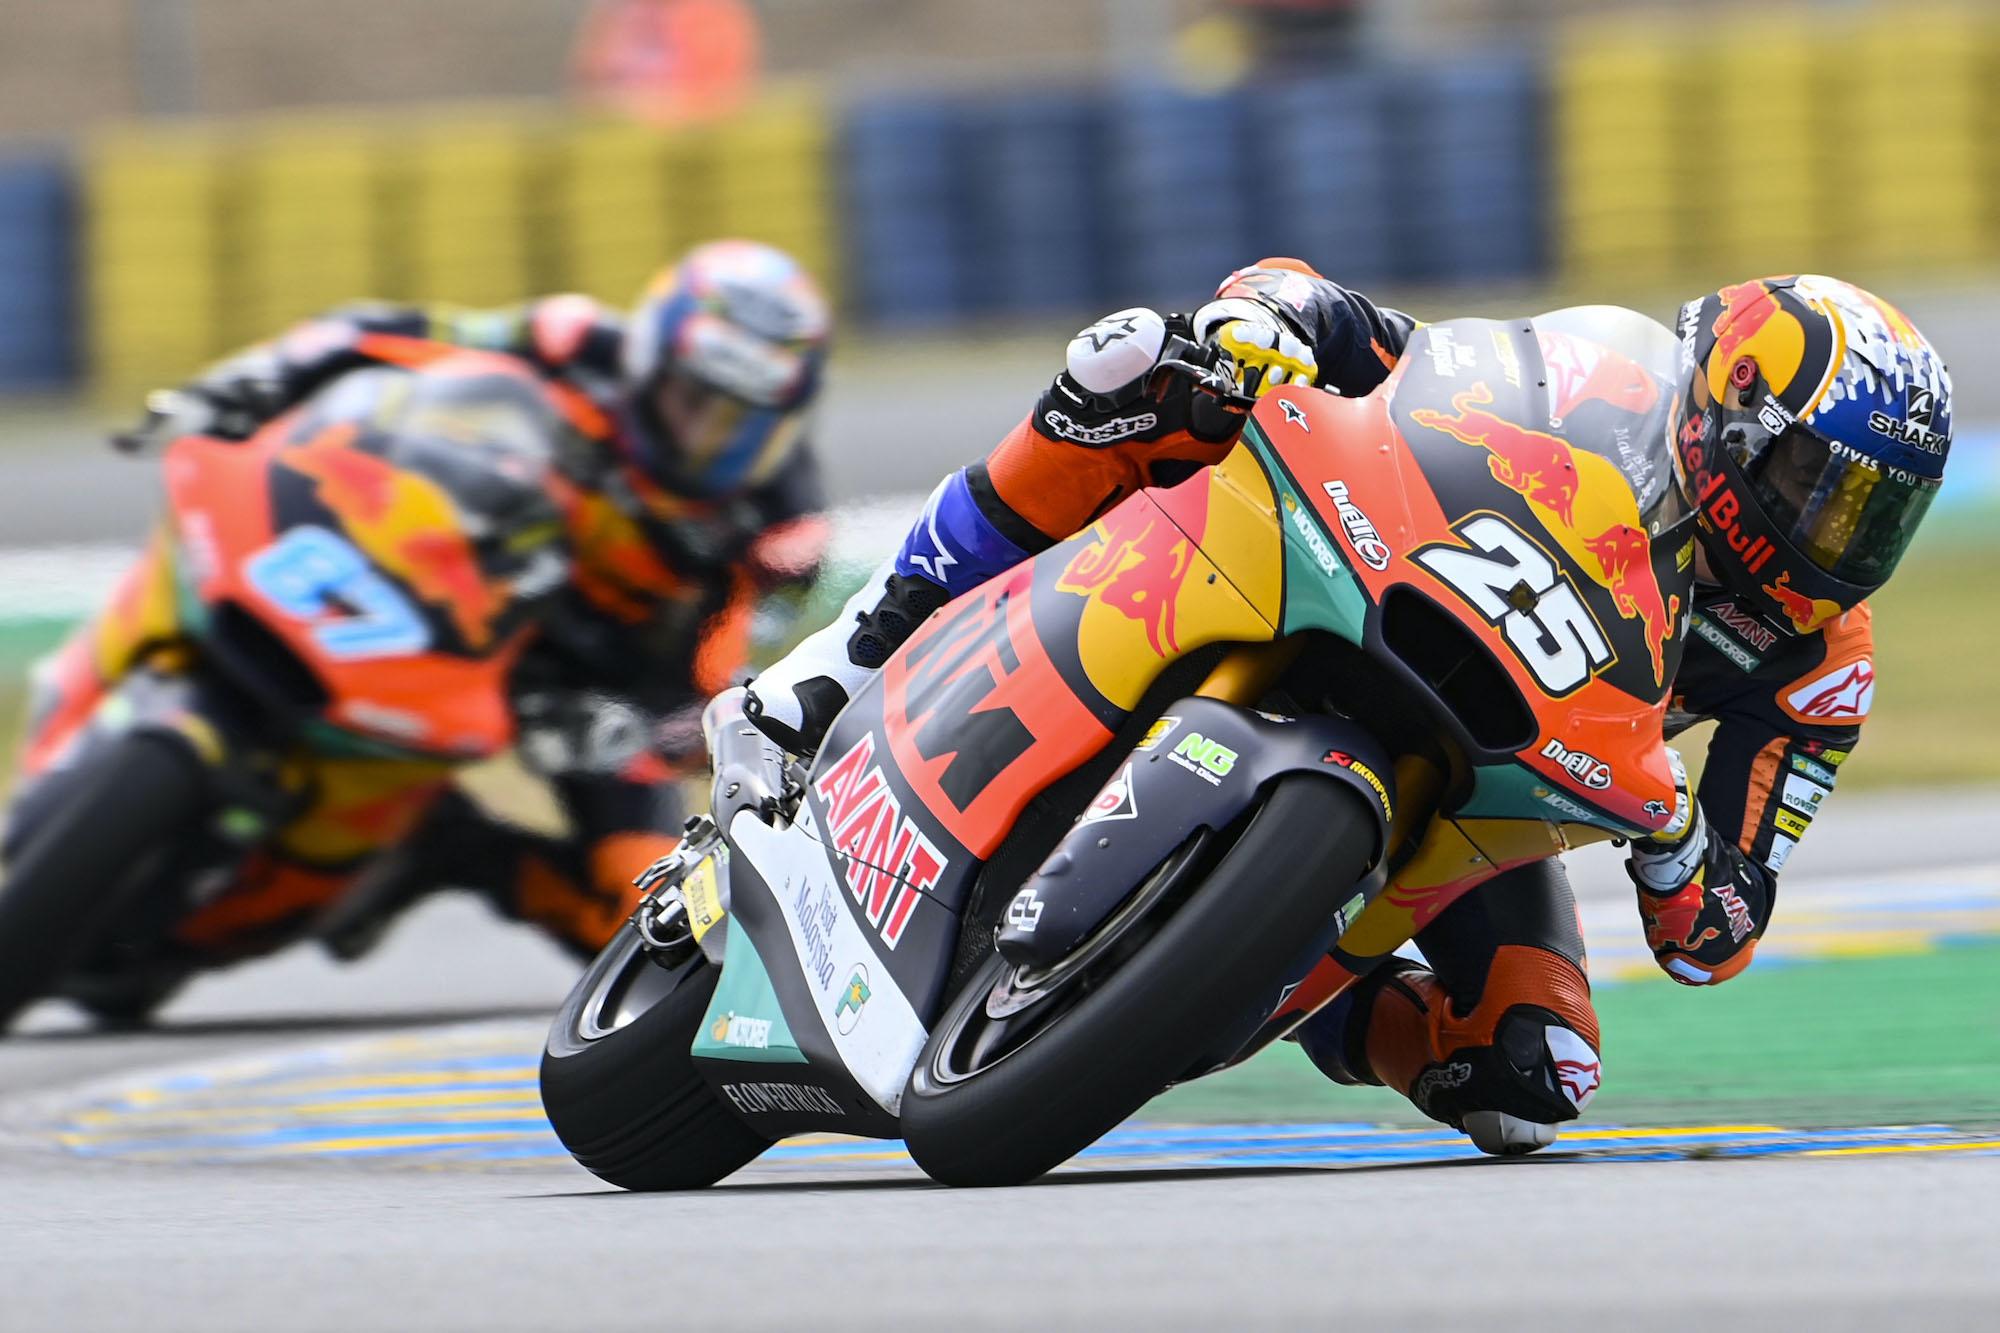 Raul Fernandez przez Remym Gardnerem w wyścigu Moto2 o GP Francji